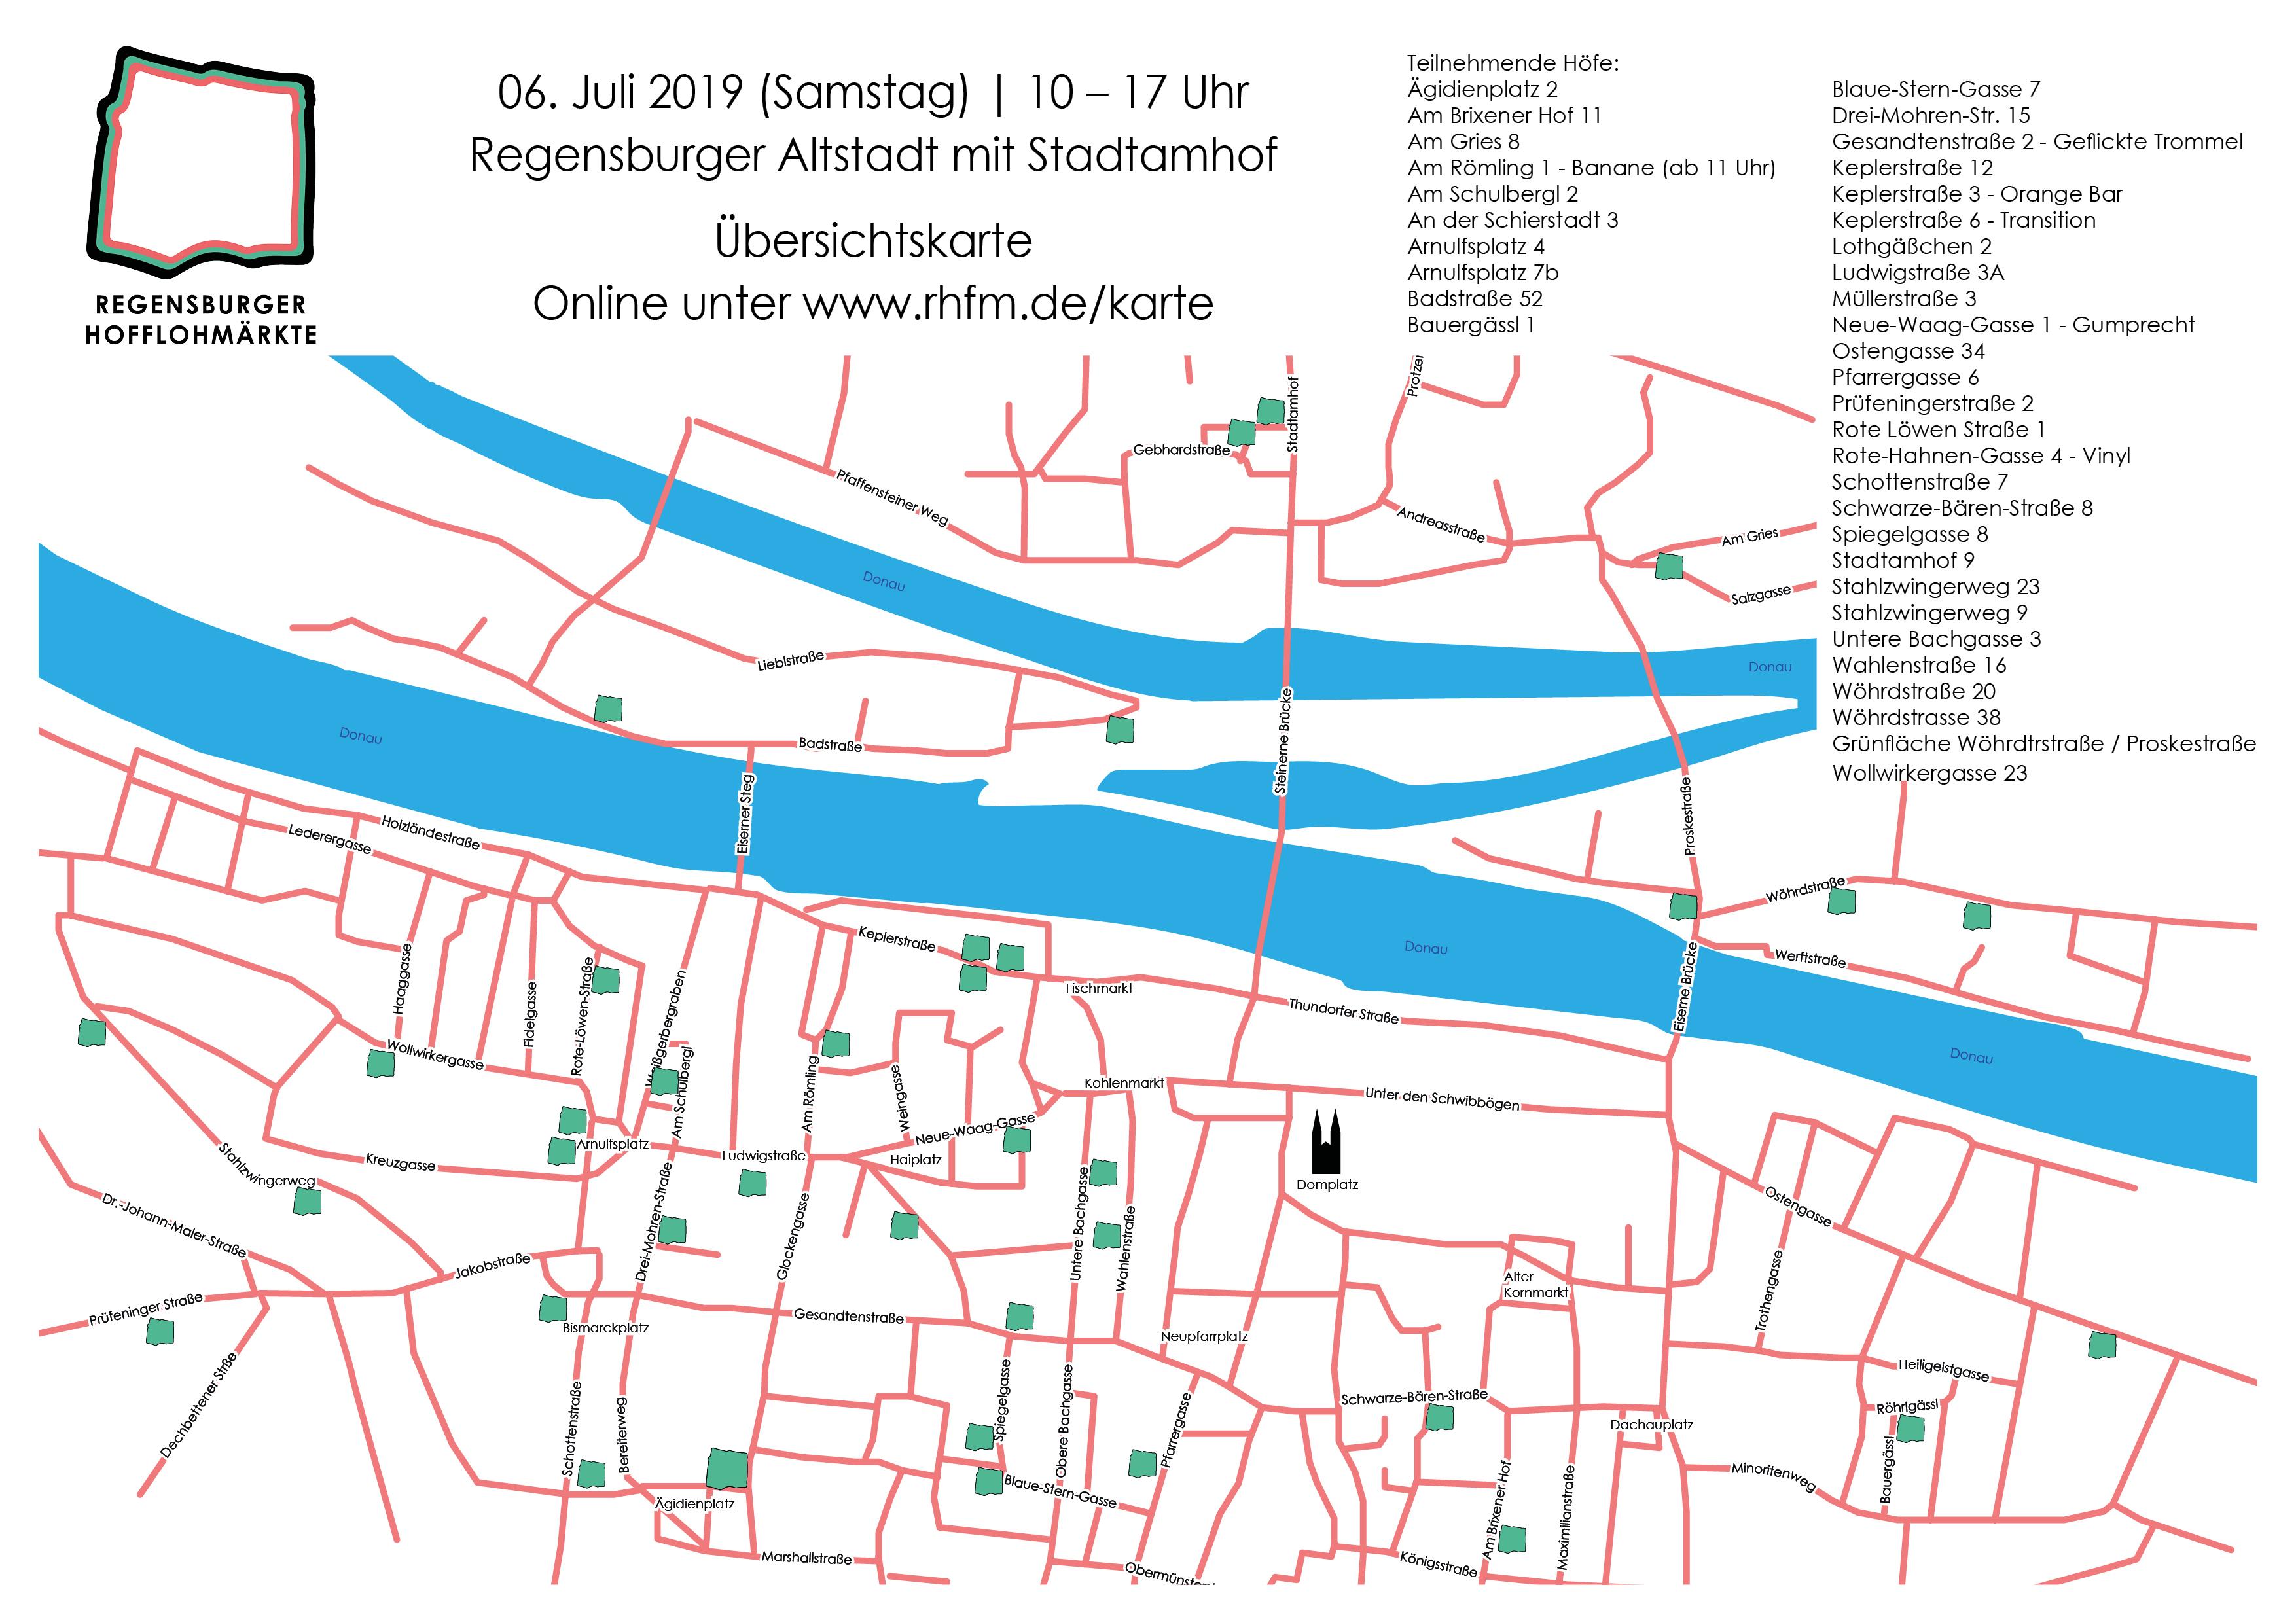 Karte Regensburg Altstadt.Karte